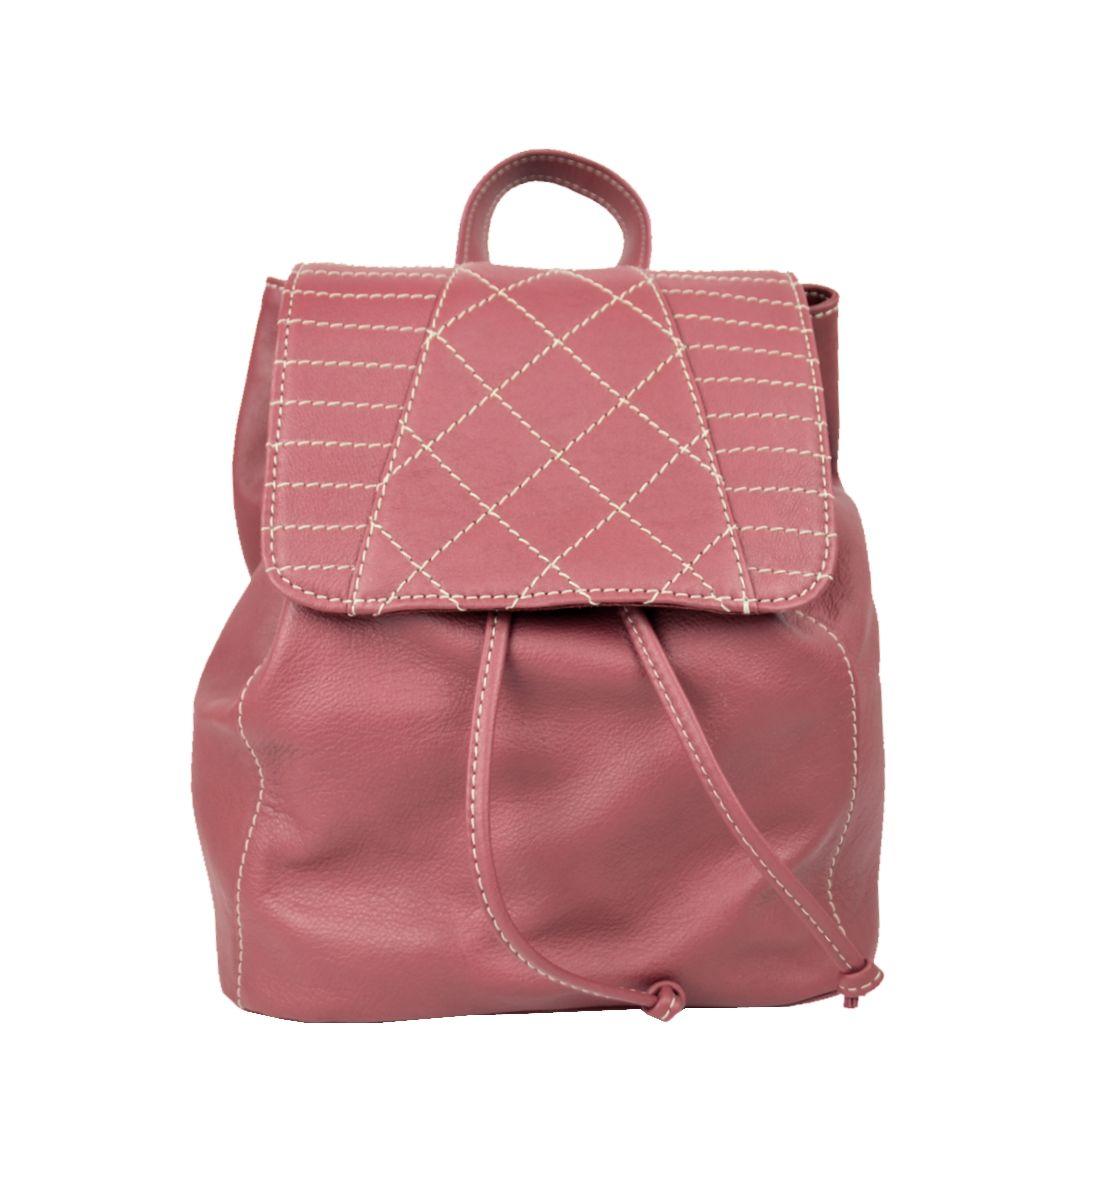 Dámsky módny kožený ruksak 8659 z prírodnej kože v bordovej farbe (2)